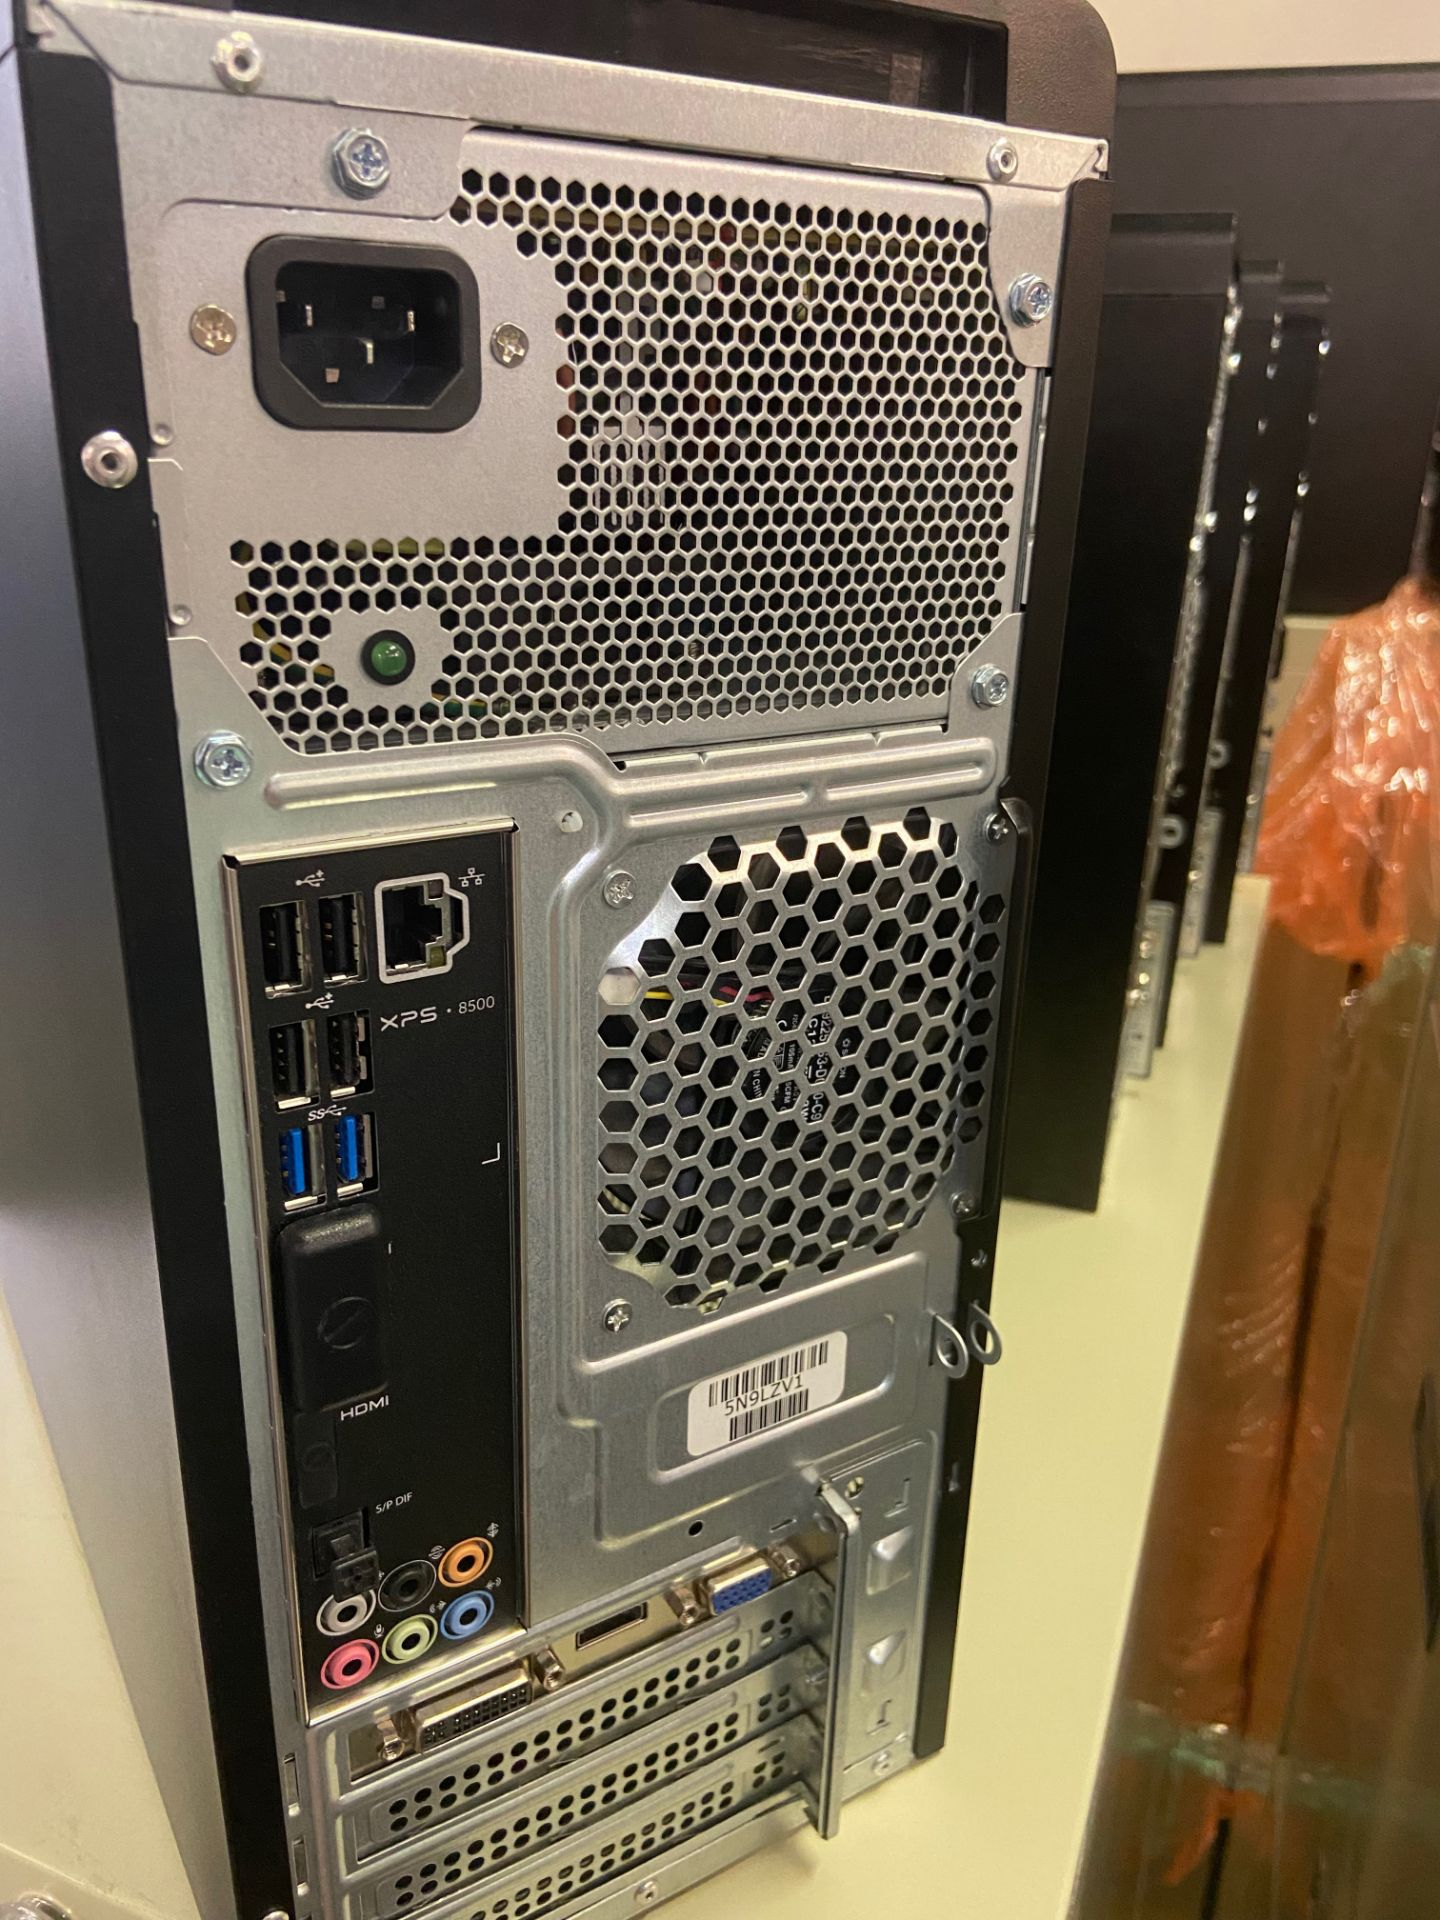 Dell XPS Desktop Computers, Total Qty 4, Qty 3 Intel i5 Processor, Qty 1 Intel i7 Processor, - Image 2 of 4